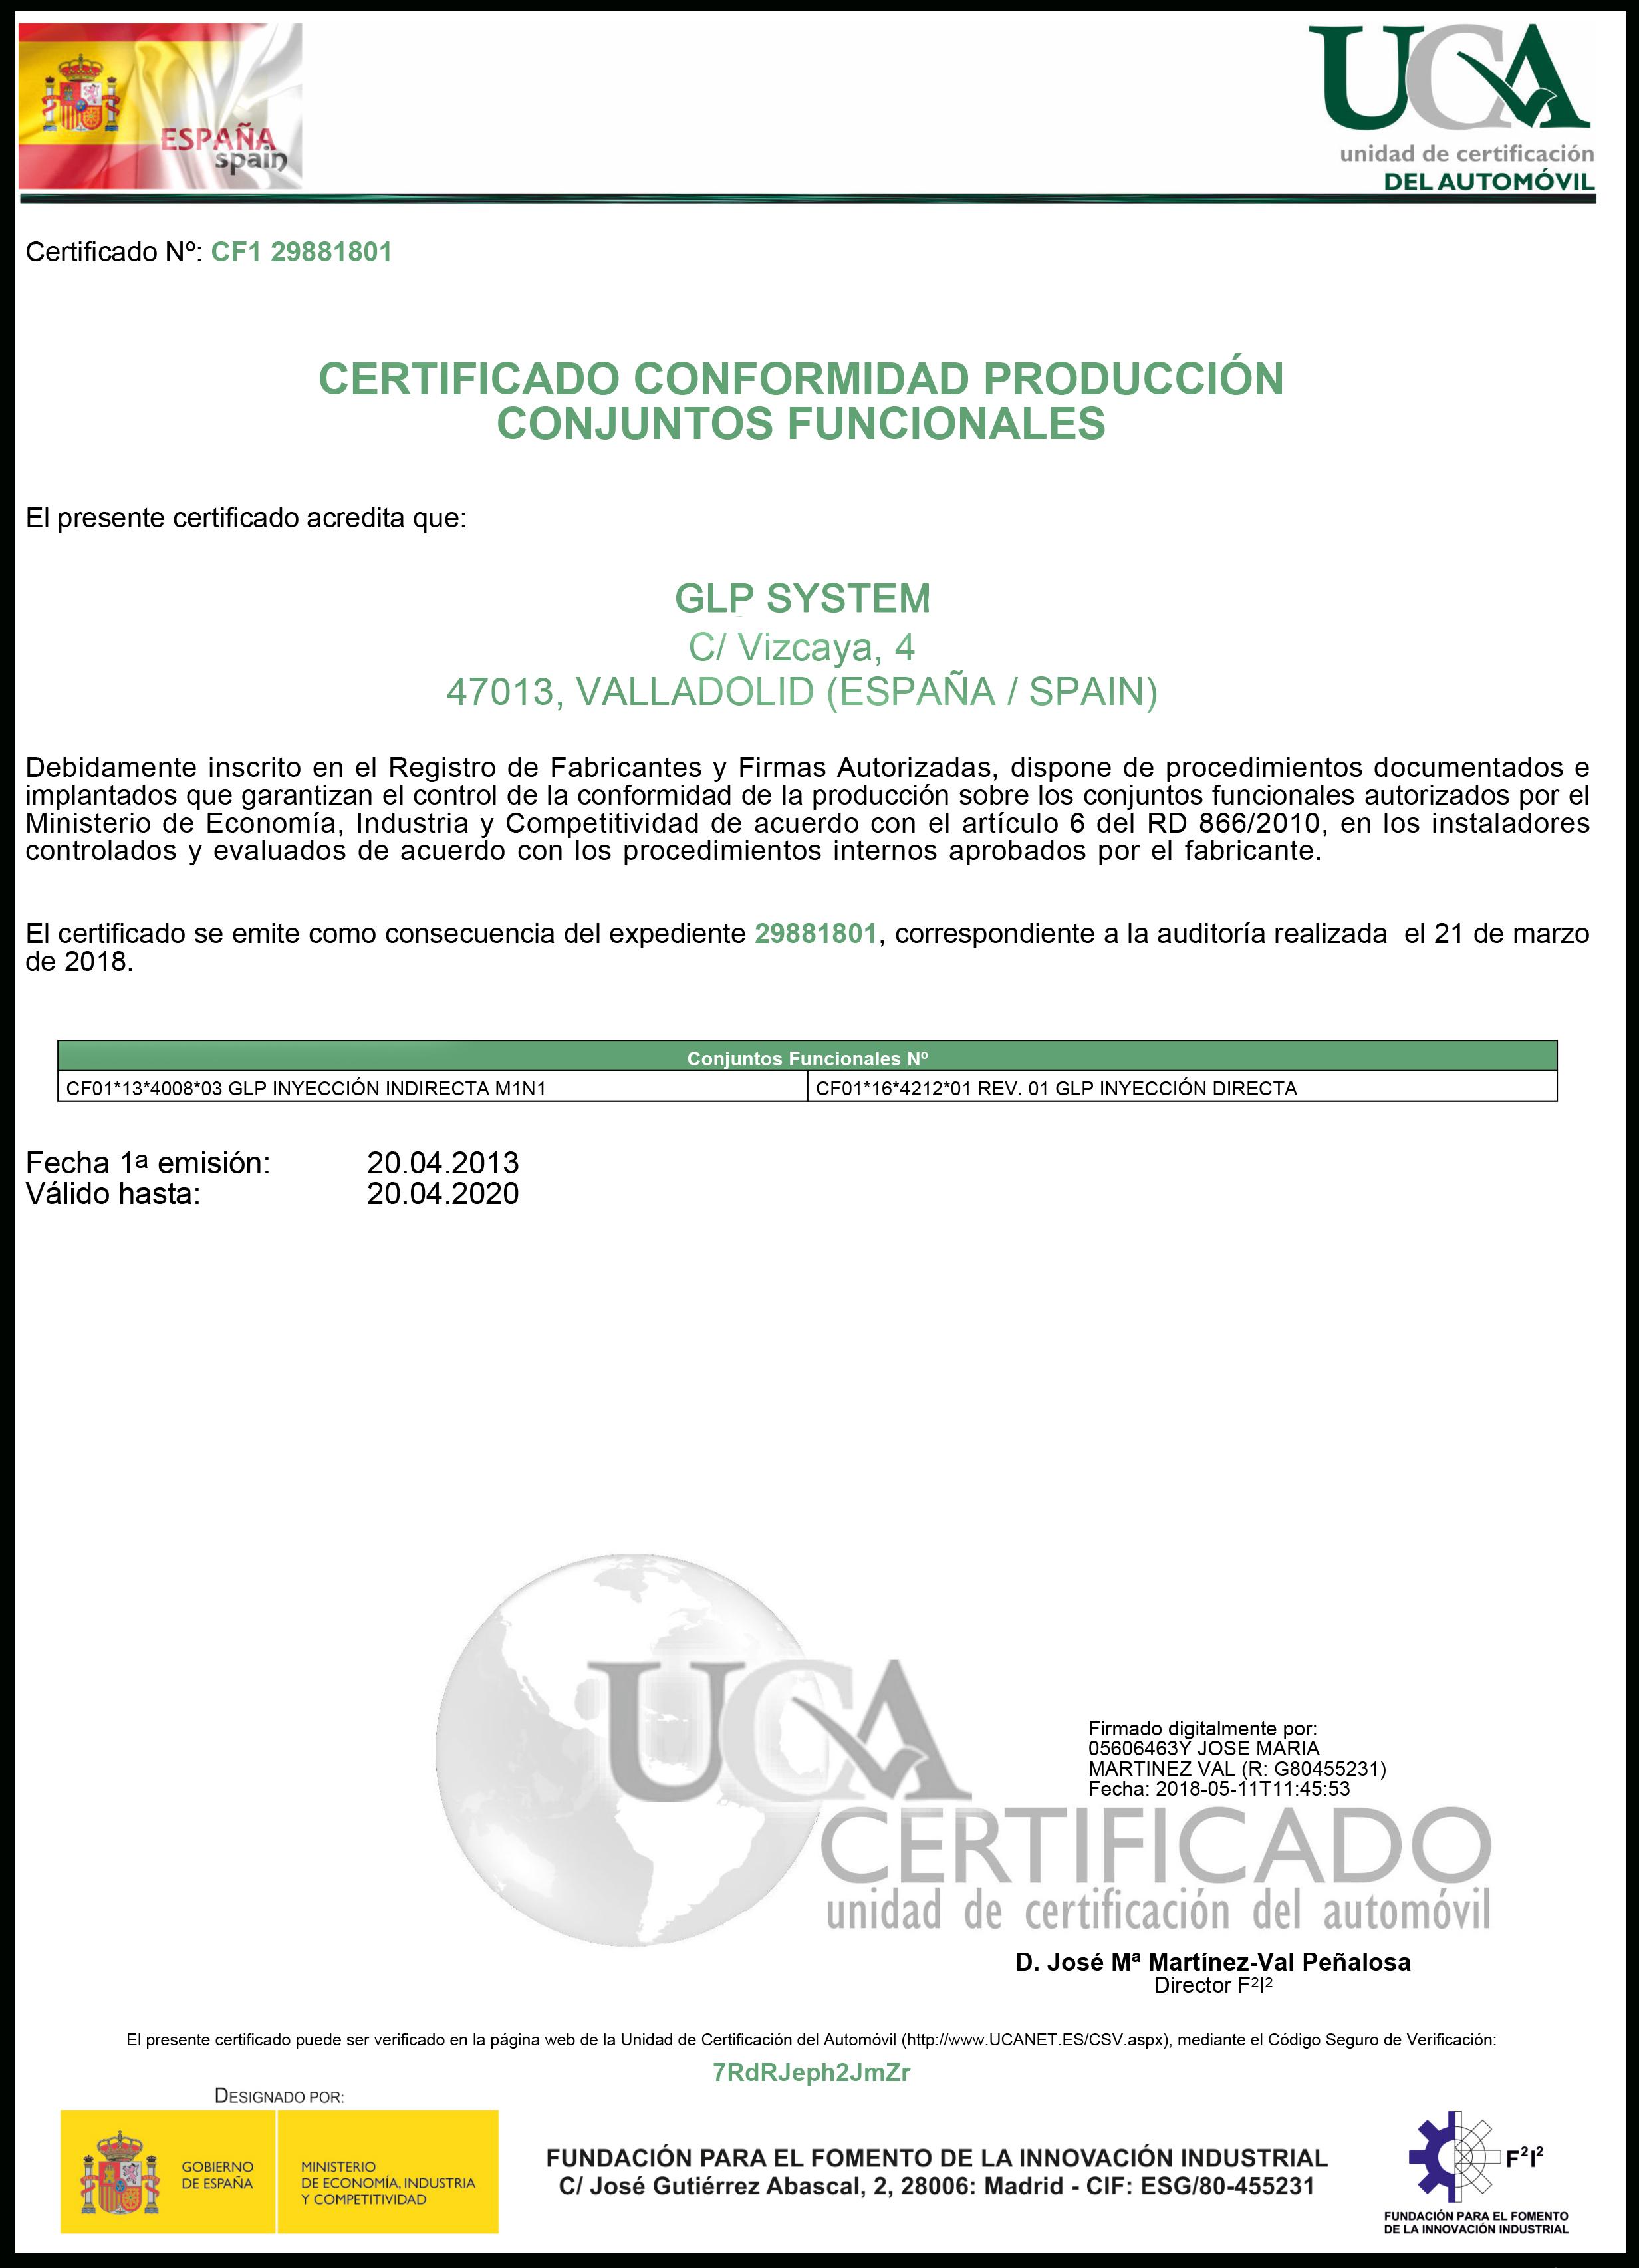 CertificadoUCA_CF129881801-11-05-18-11_4